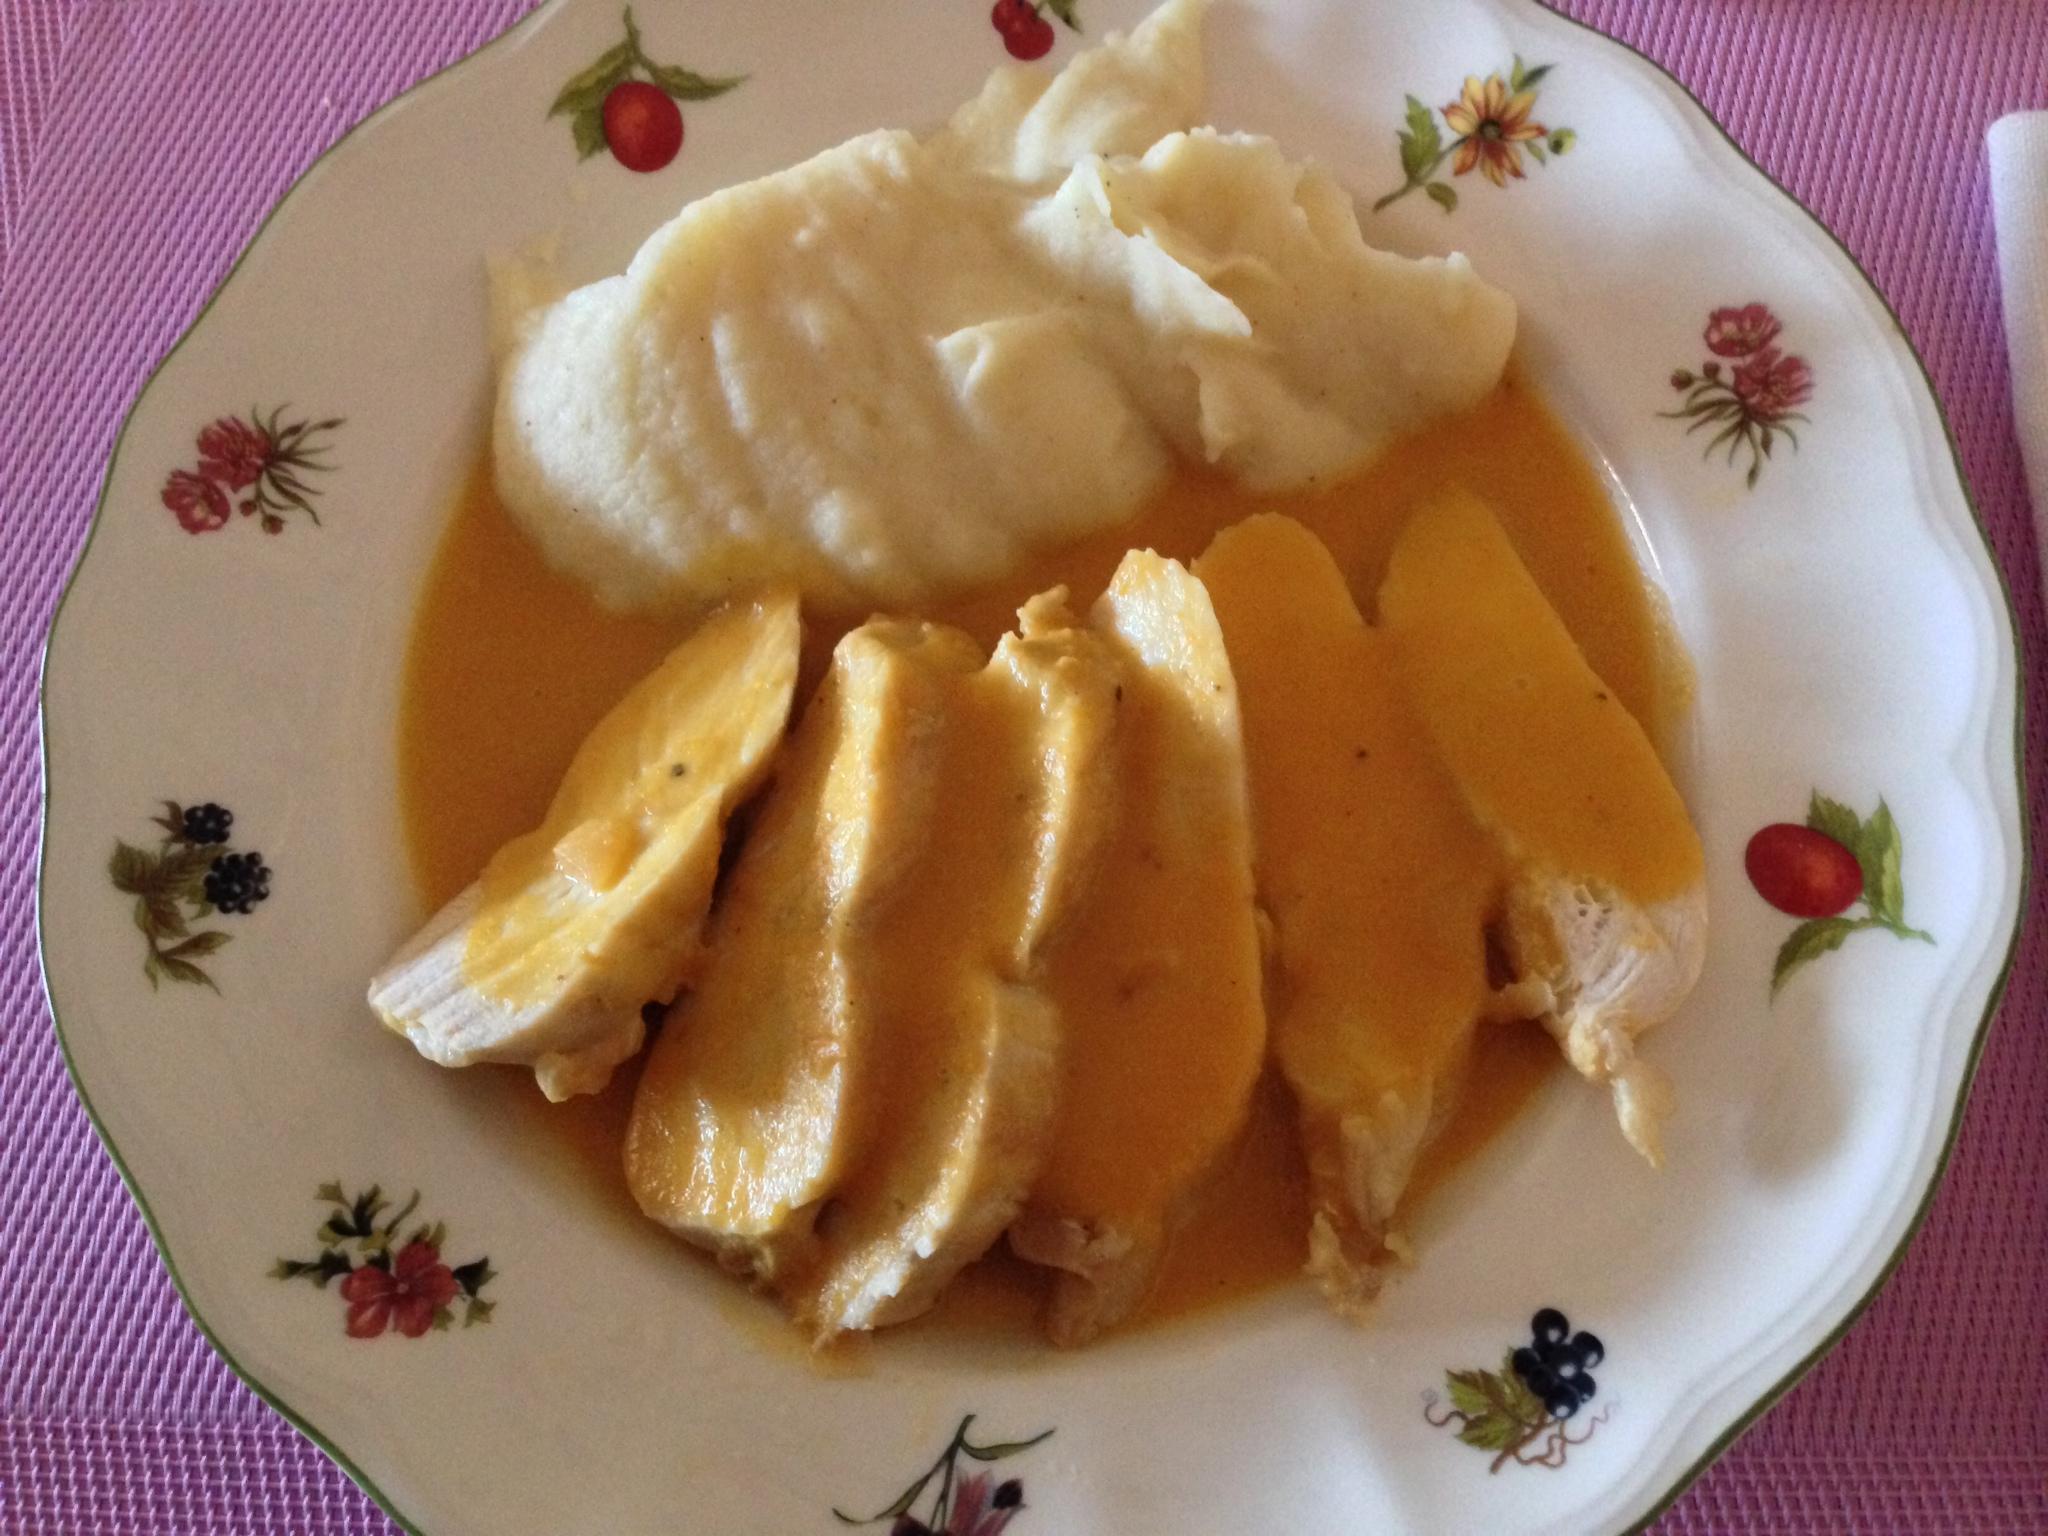 Pechugas de pollo con salsa de naranja principiantes entre fogones - Salsas para pechuga de pollo ...